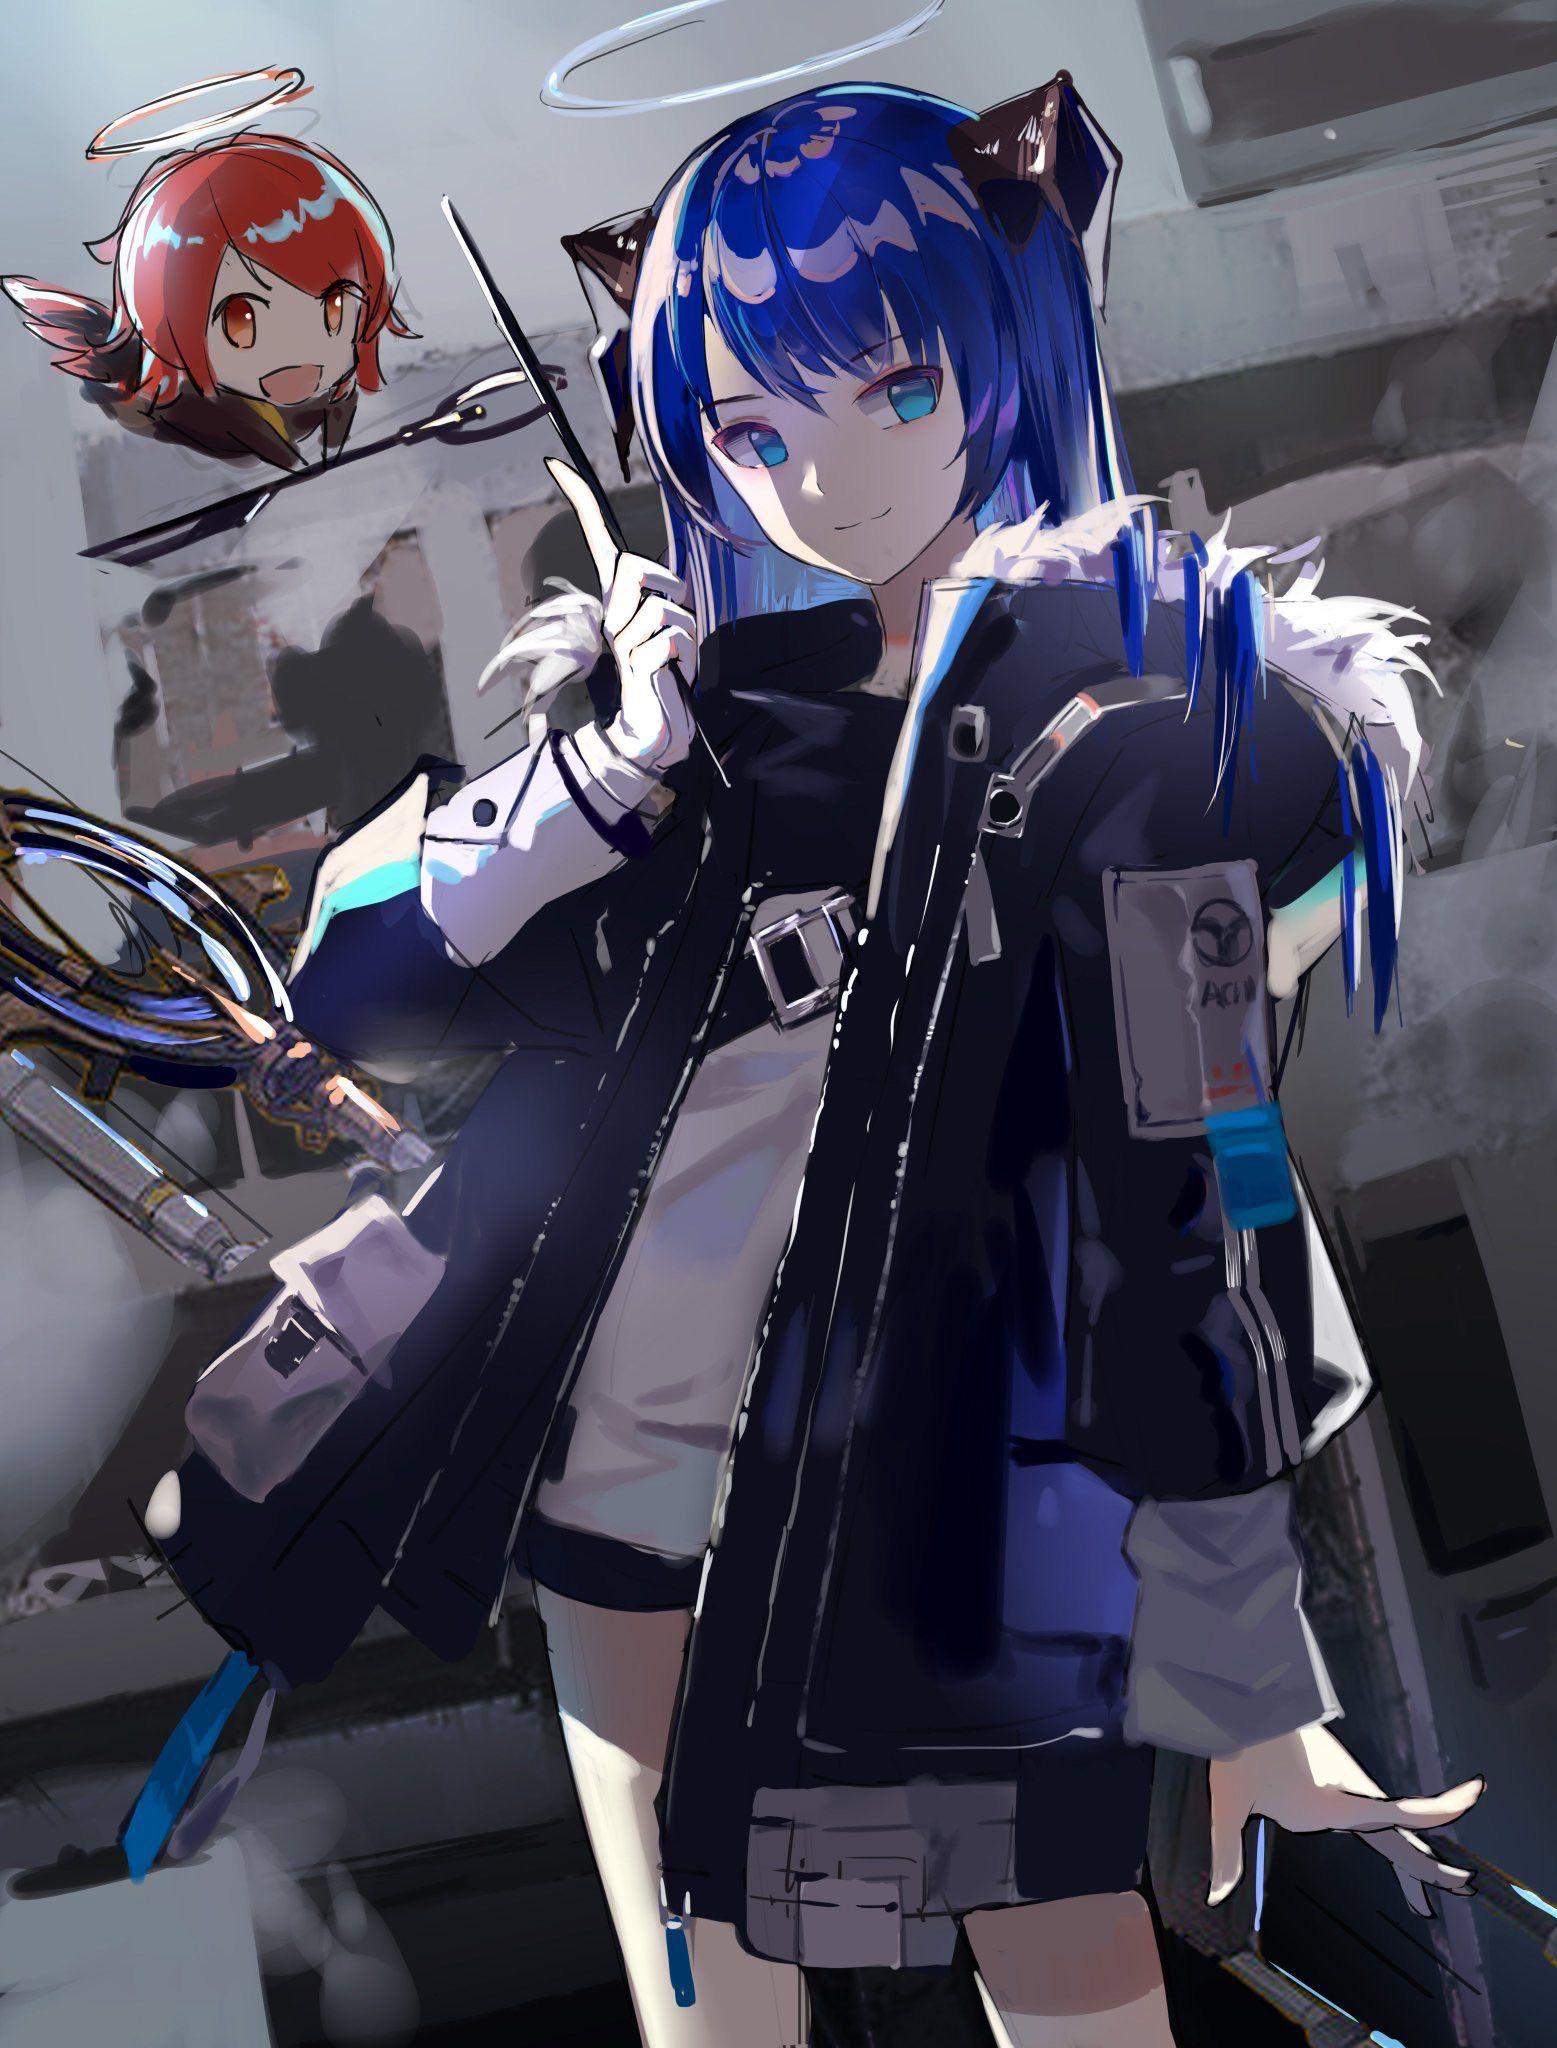 Ghim của Sz trên アークナイツ trong 2020 Anime, Đang yêu, Nghệ